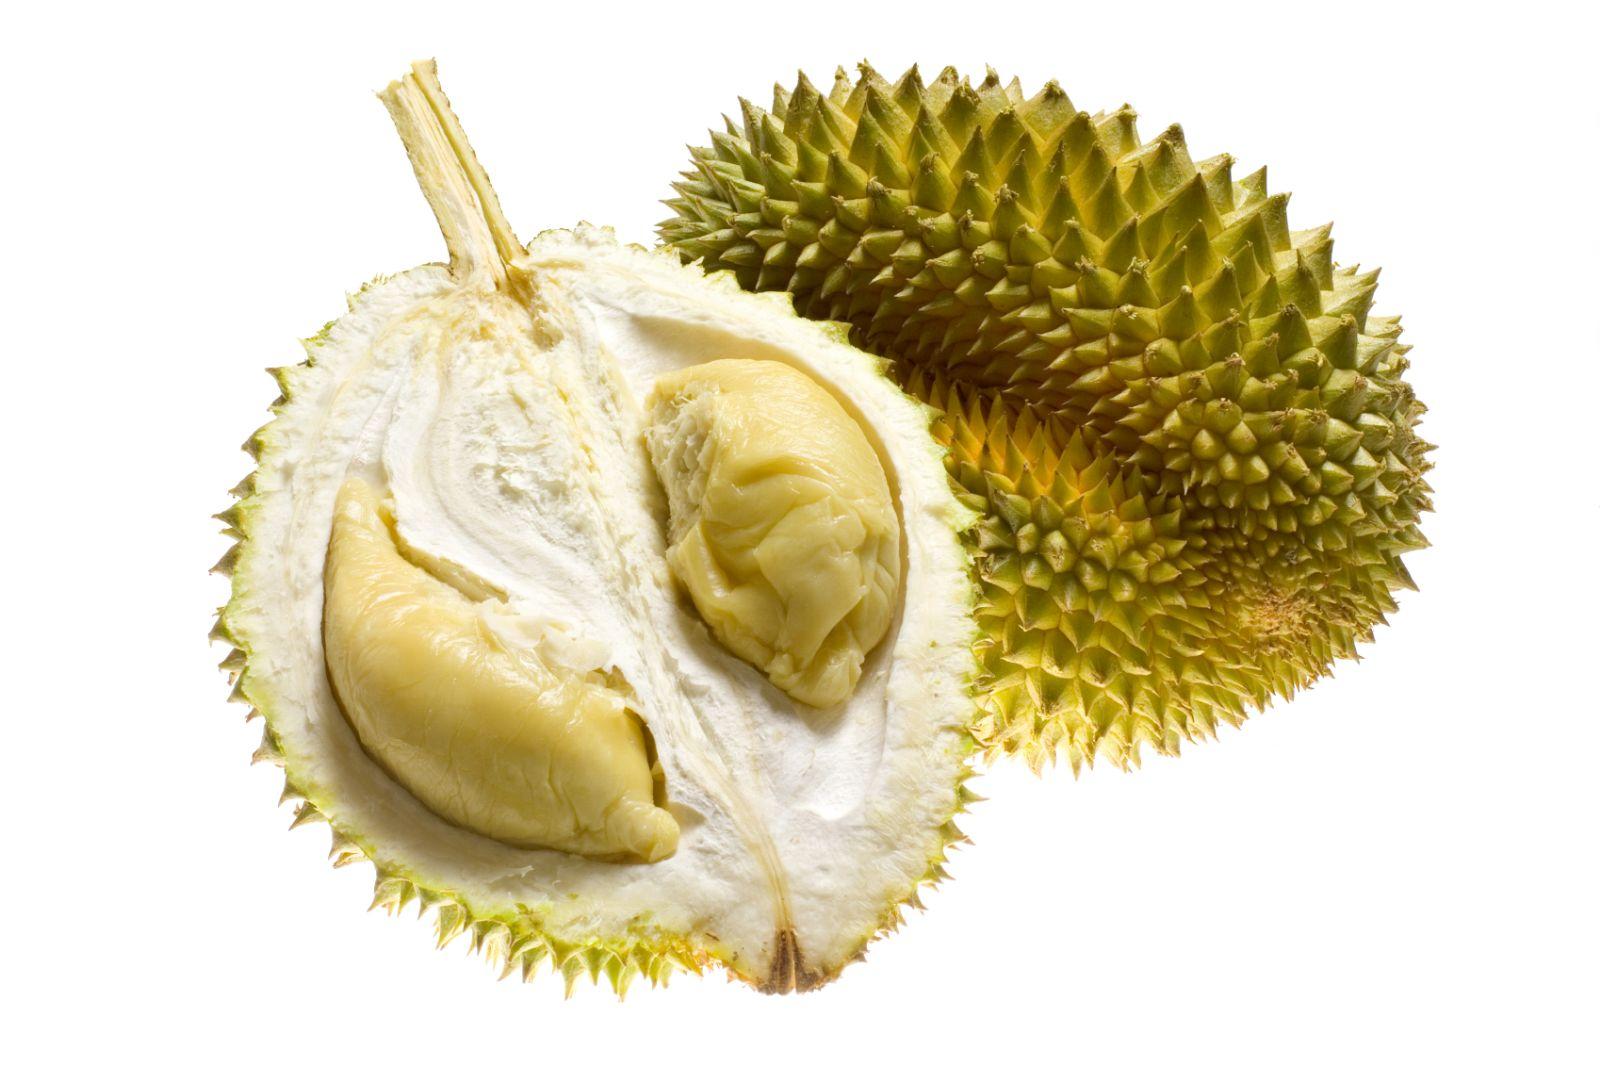 Những người này dù thèm đến mấy tuyệt đối không nên ăn sầu riêng - Ảnh 1